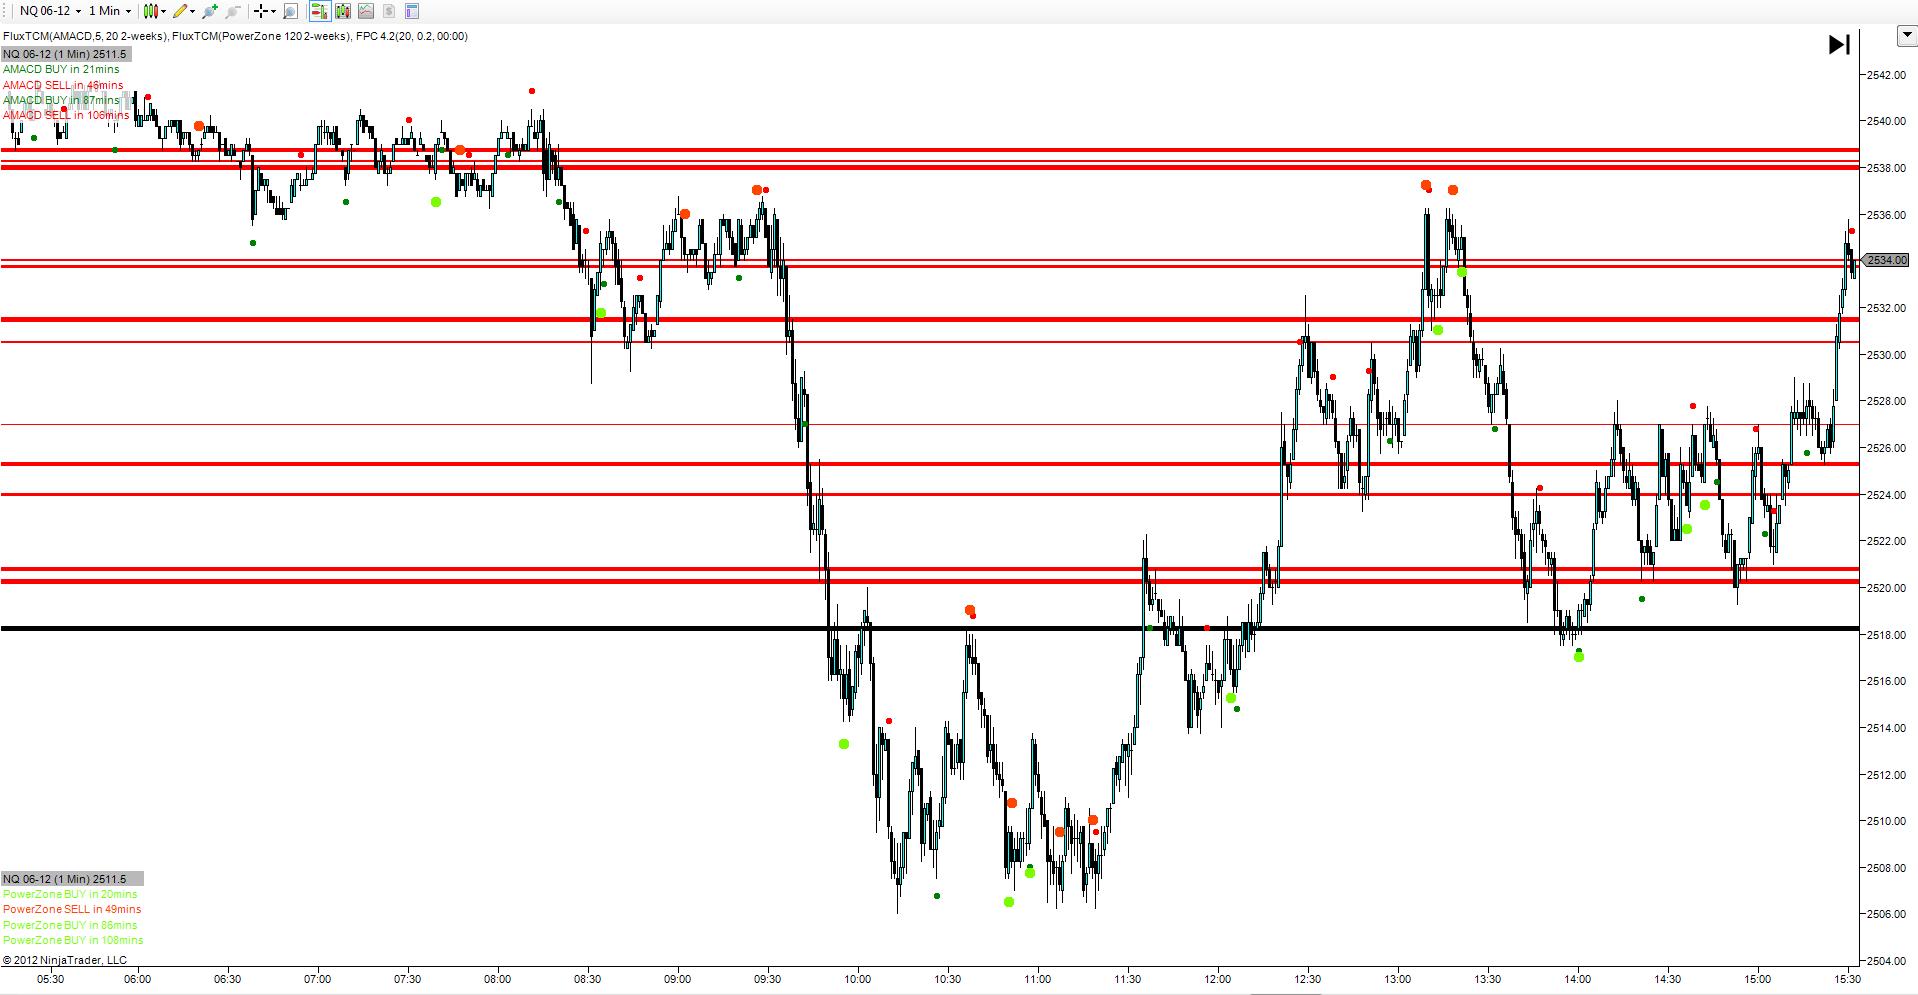 Trading predictive indicators